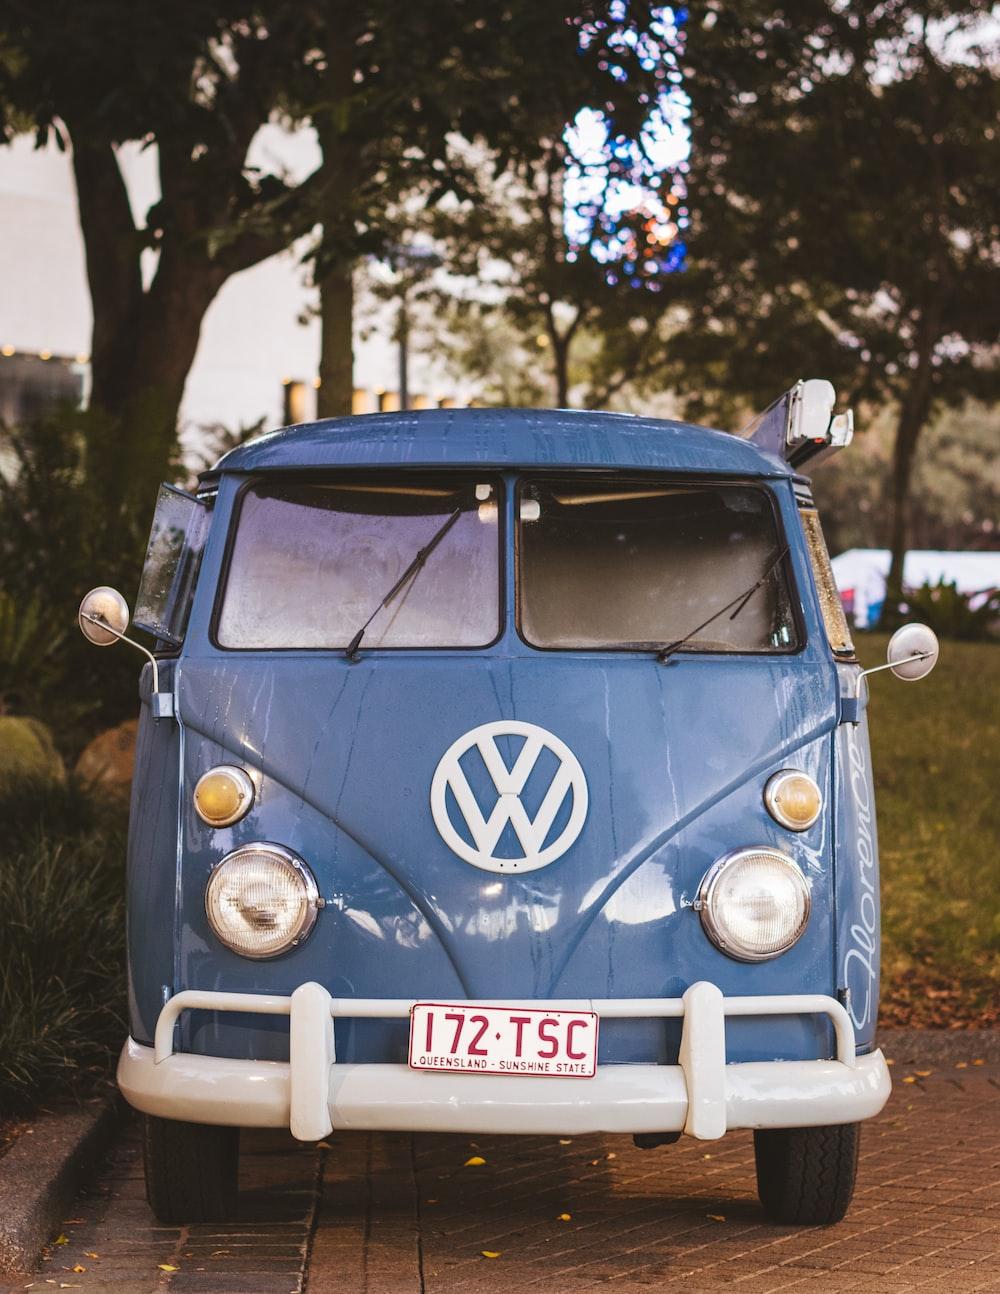 classic blue Volkswagen minivan parked under tree at daytime